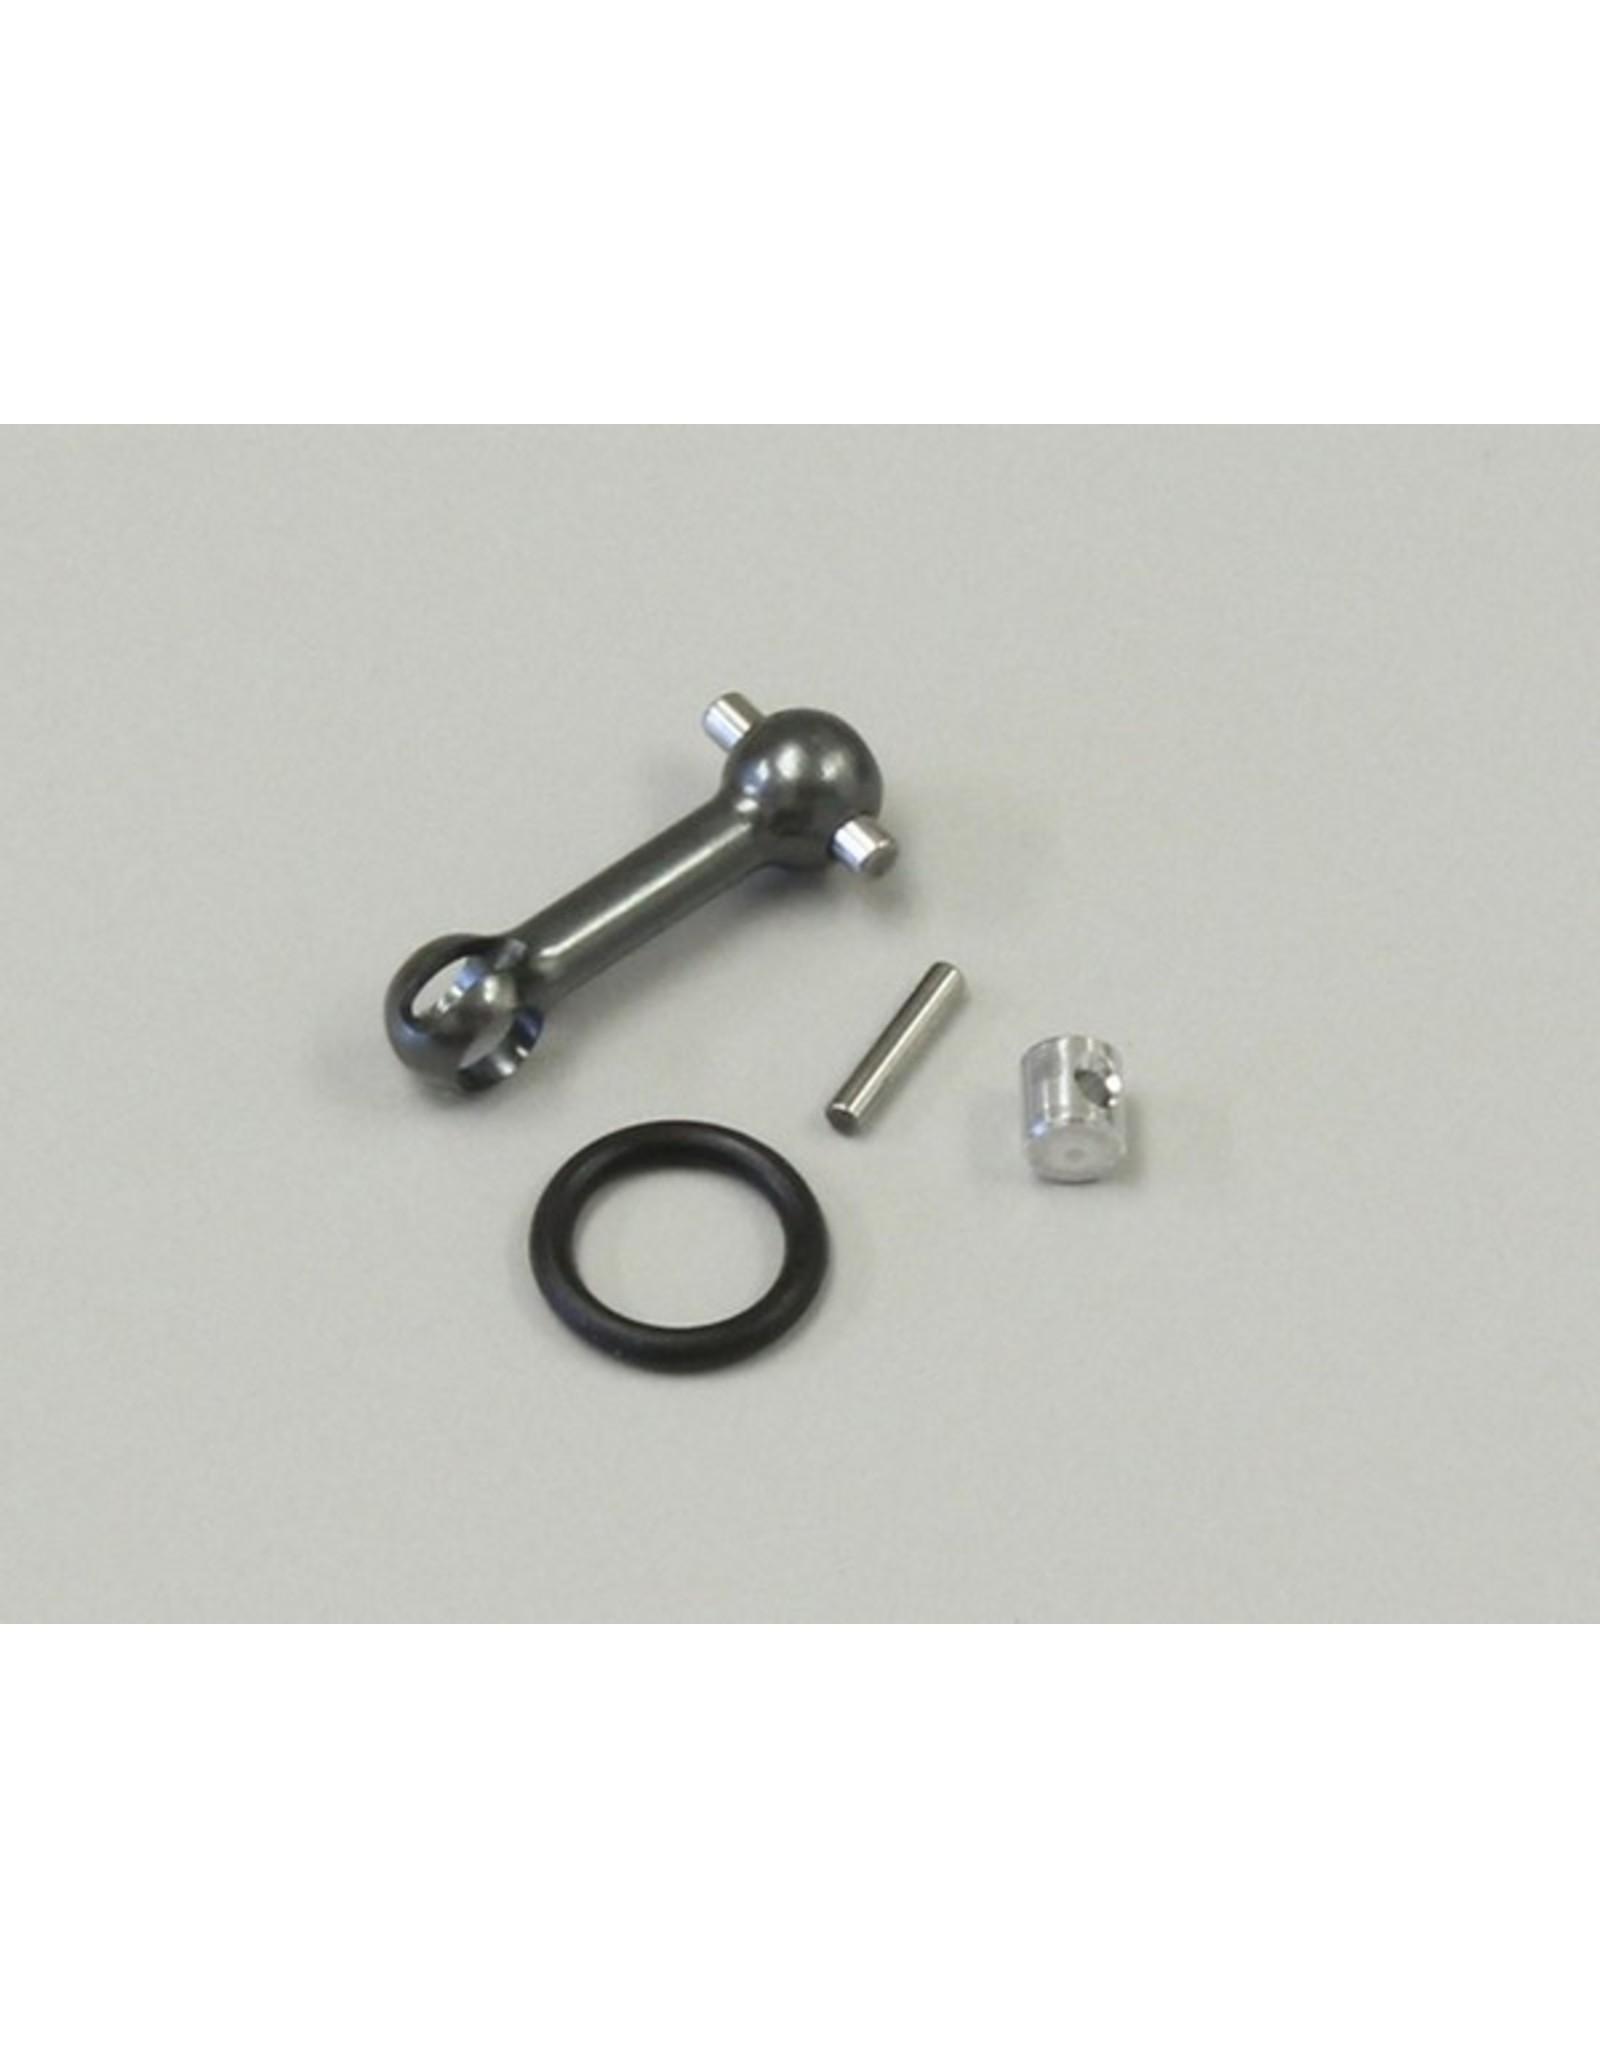 Kyosho Long Swing Shaft & Joint Set (1Pcs/MA-020) (MDW204-01)